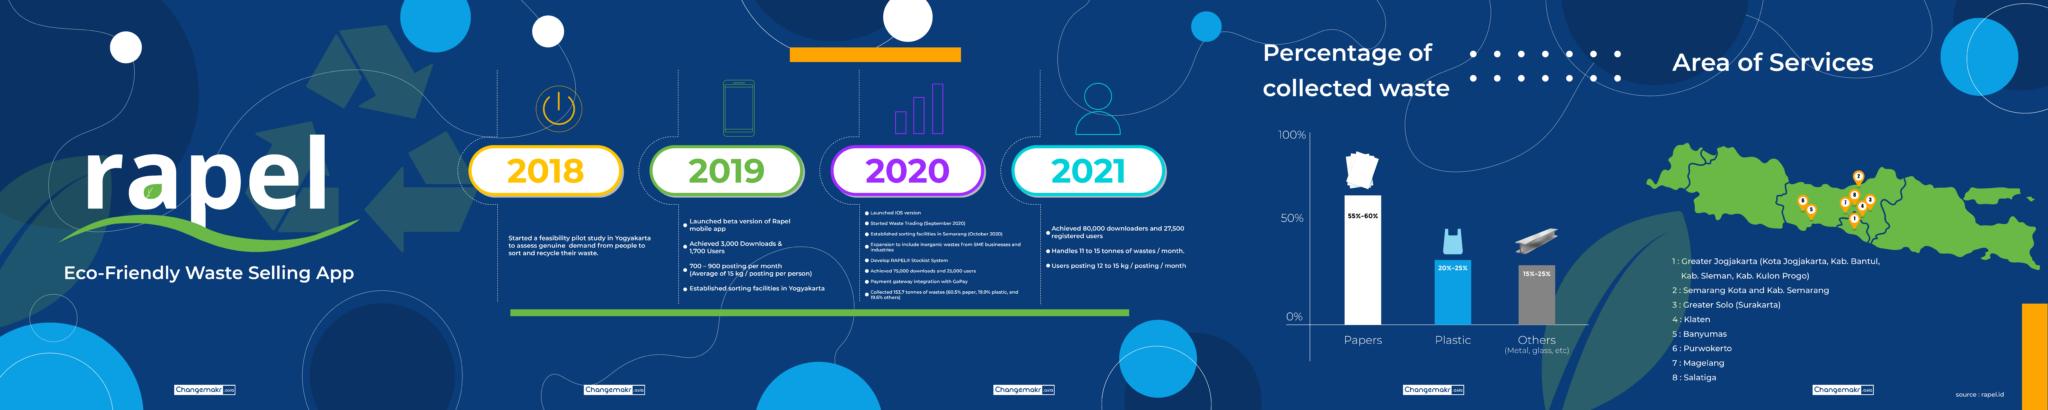 Rapel App milestone 2021